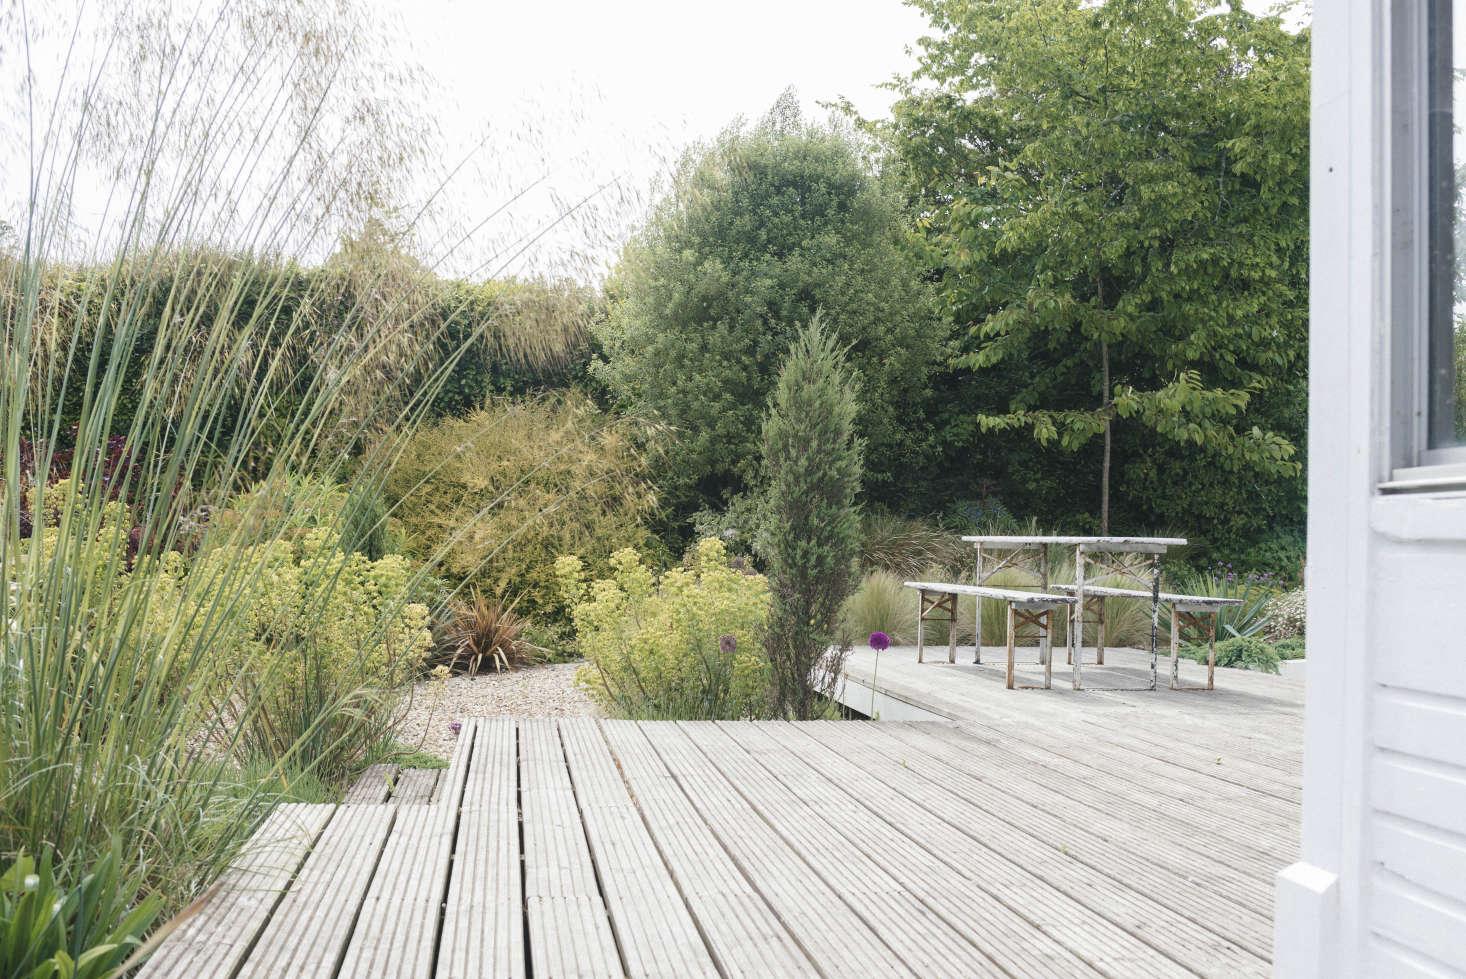 在英格兰的一个月里,你会发现一个小花园,还有一个豪华的花园,还有一种豪华的冰雕。在马歇尔·马歇尔的前,在一个叫维斯顿的人,在西班牙的一家帝国大厦,在东方的一家花园里。